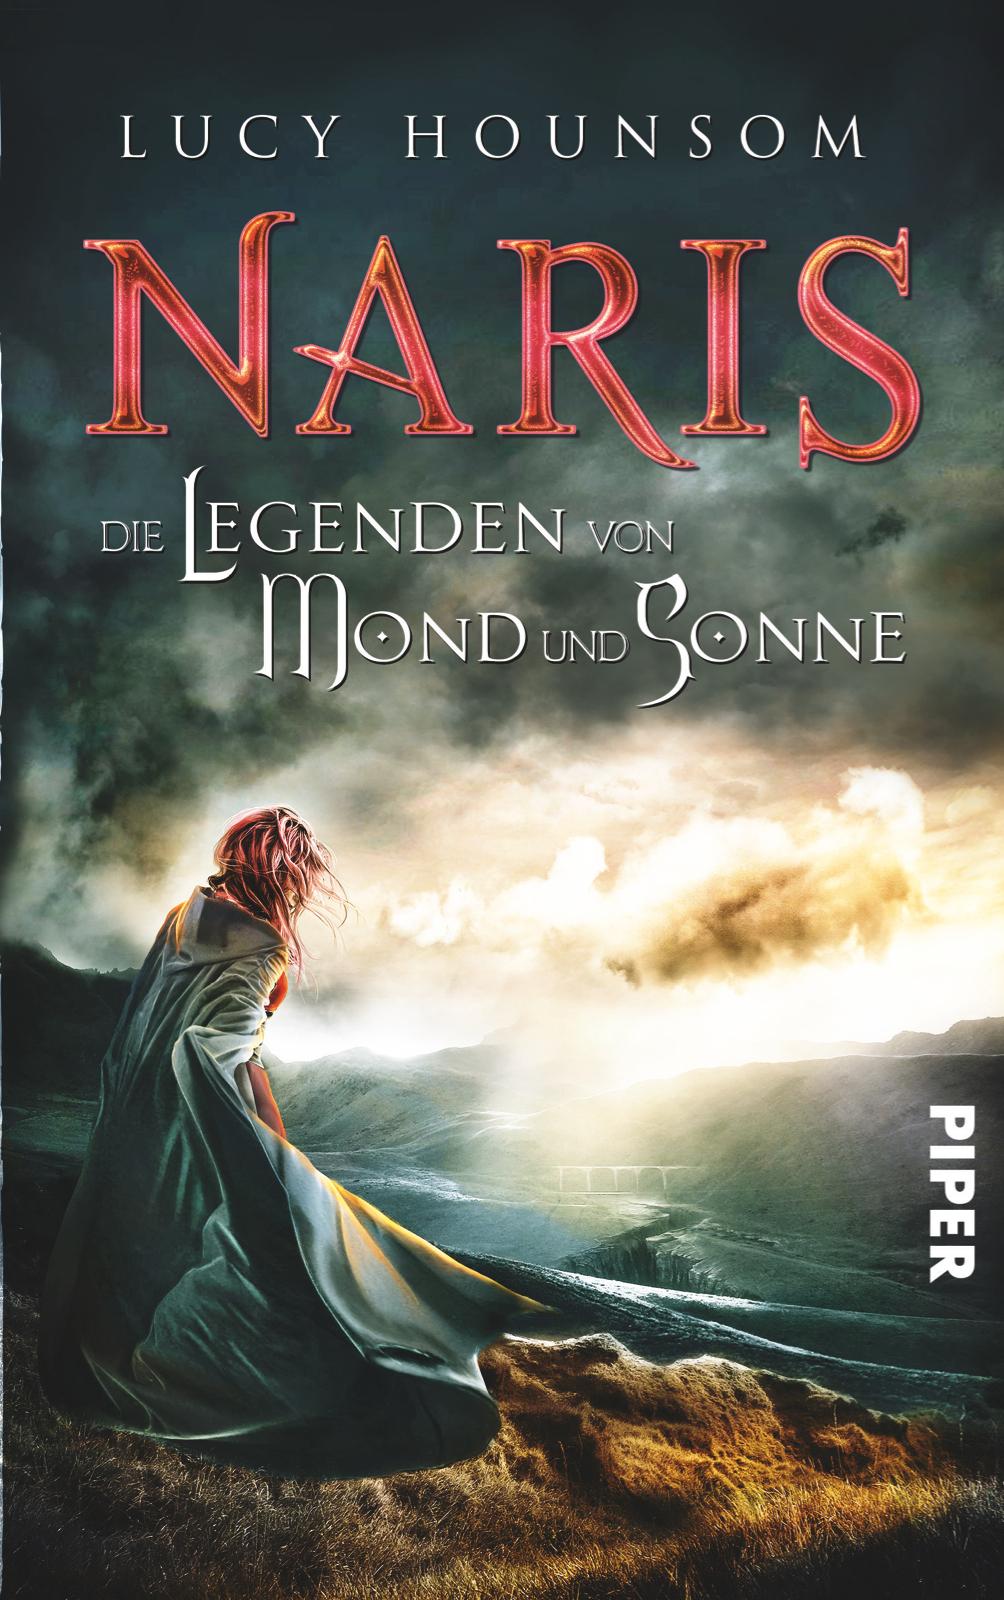 Natris - Die Legende von Mond und Sonne| Lucy Hounsom